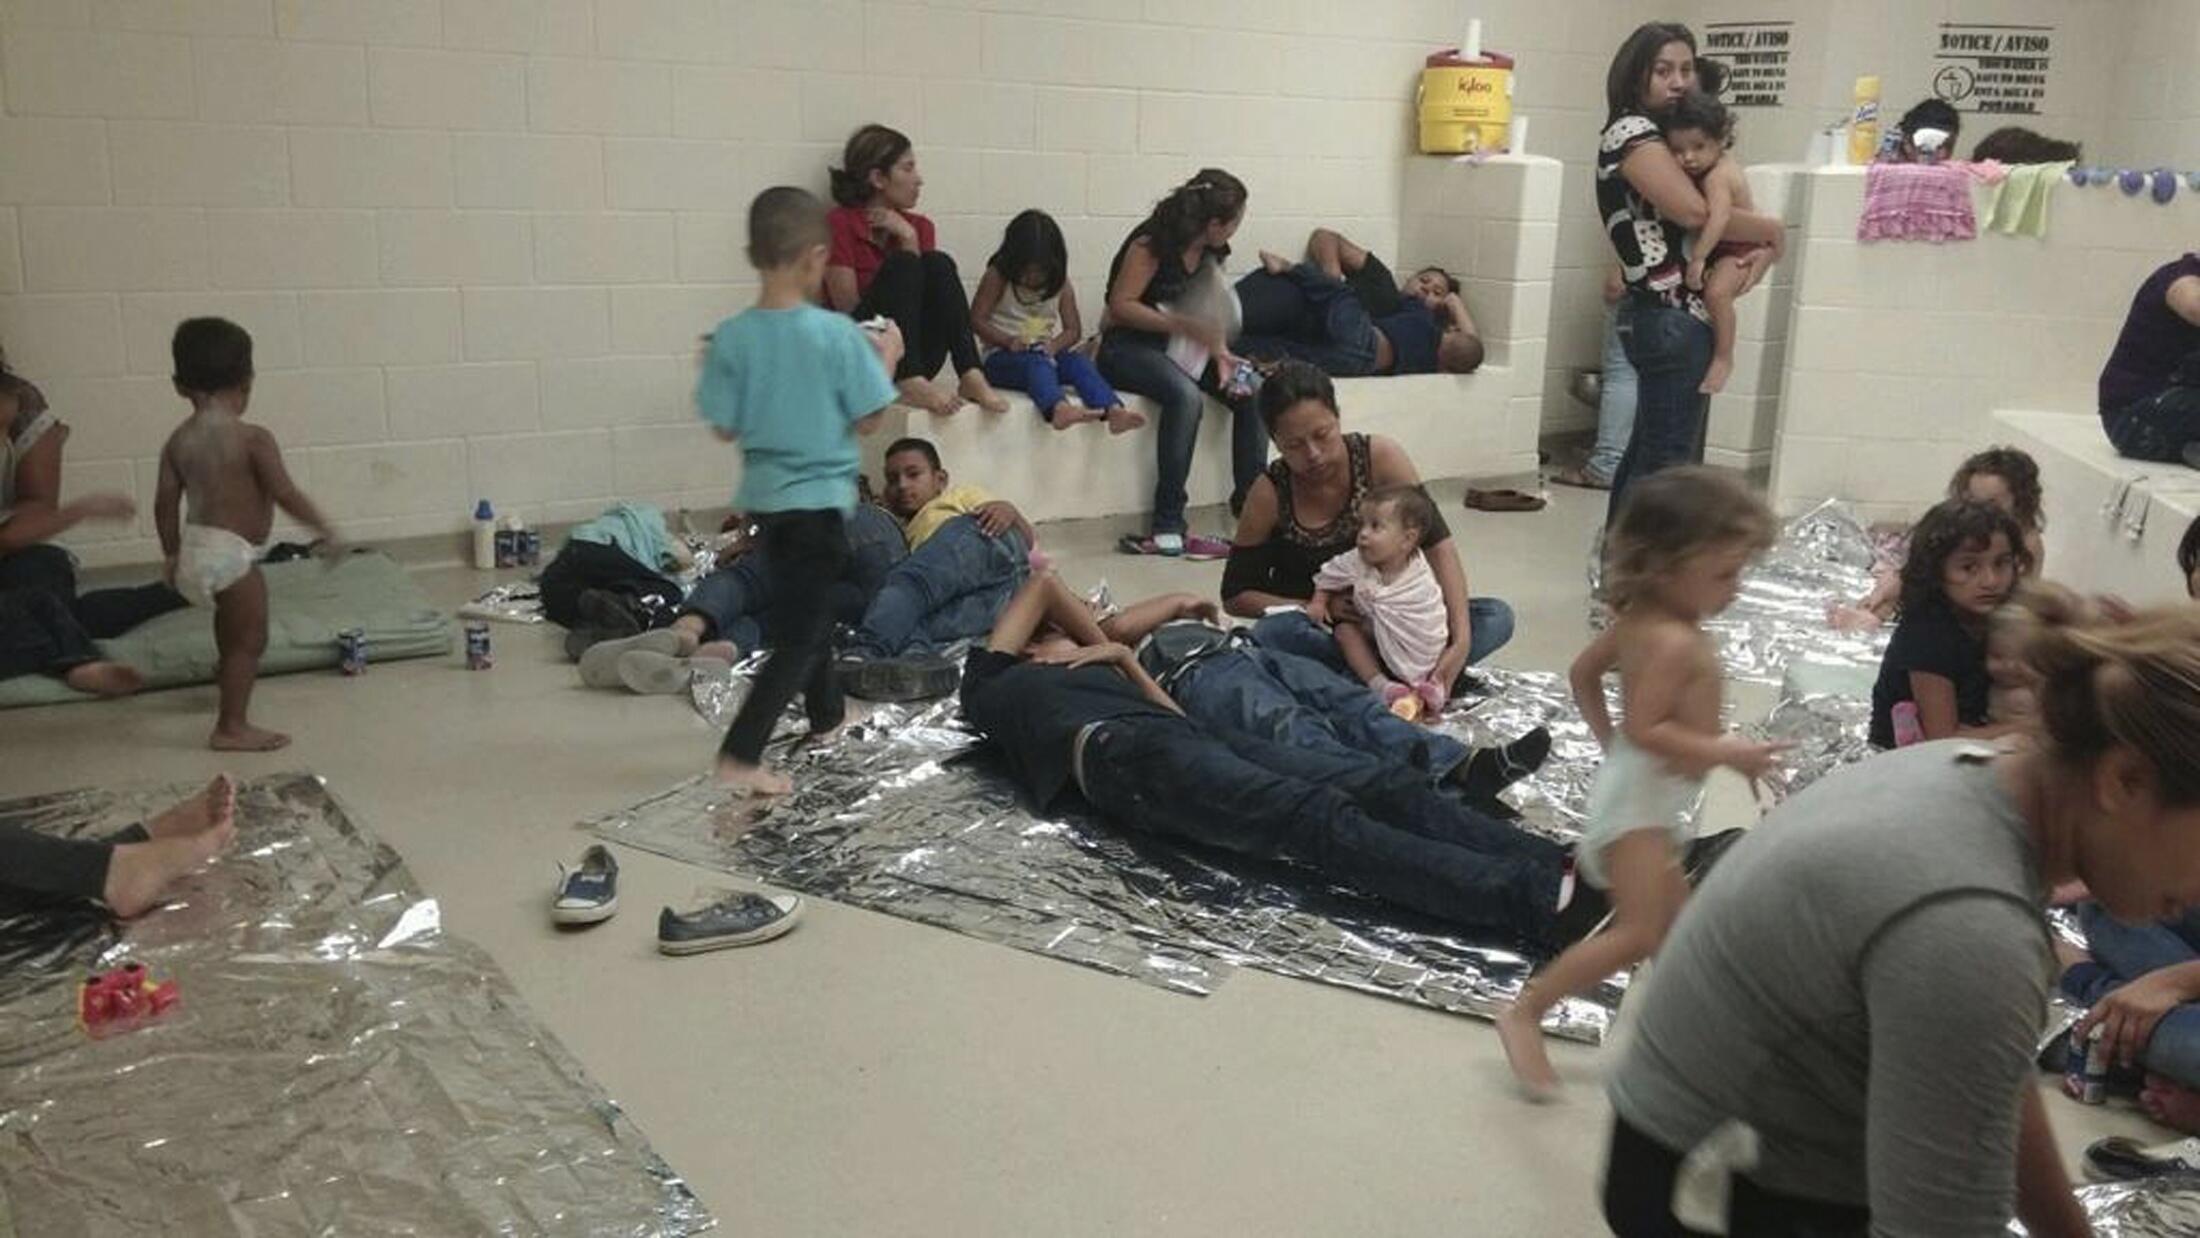 En 2014, miles de niños inmigrantes ilegales y oriundos de Centroamérica llegaron al sur de Estados Unidos causando el colapso de numerosos centros de detención. Aquí en un servicio de salud en Texas, el pasado 12 de junio del 2014.